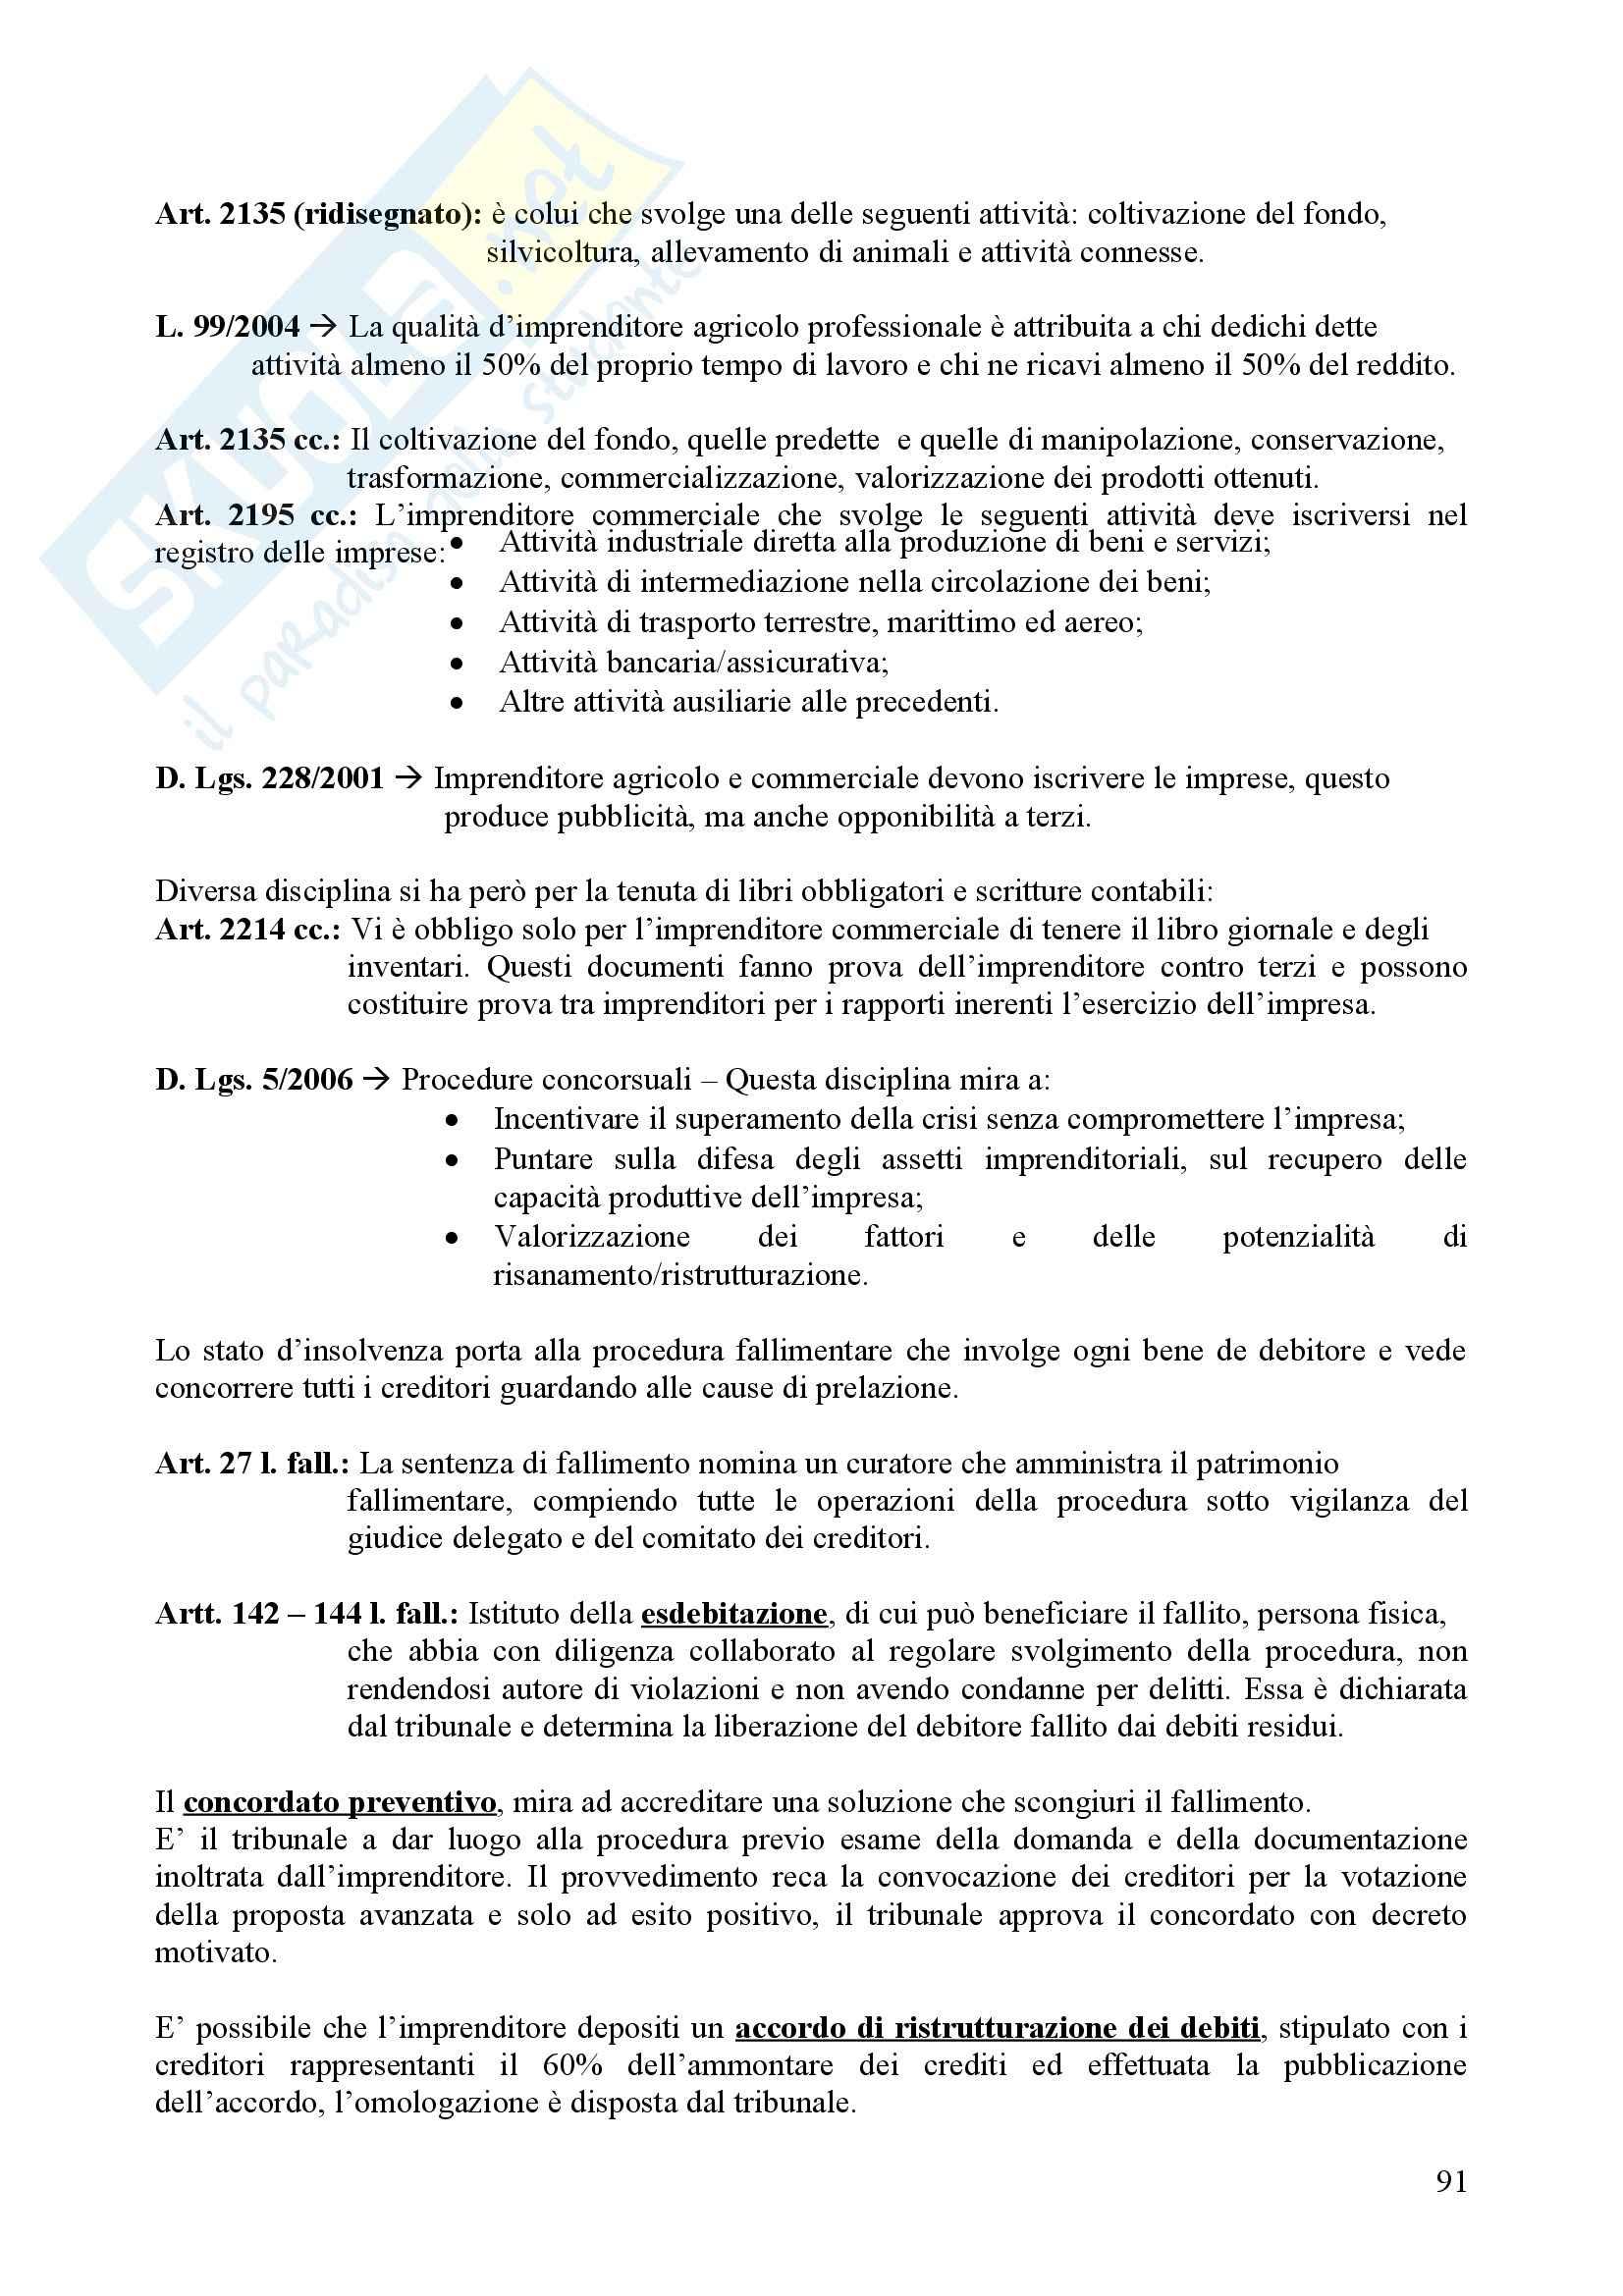 Riassunto esame Diritto, Diritto Privato 2, Grisi, prof. Quadri Pag. 91